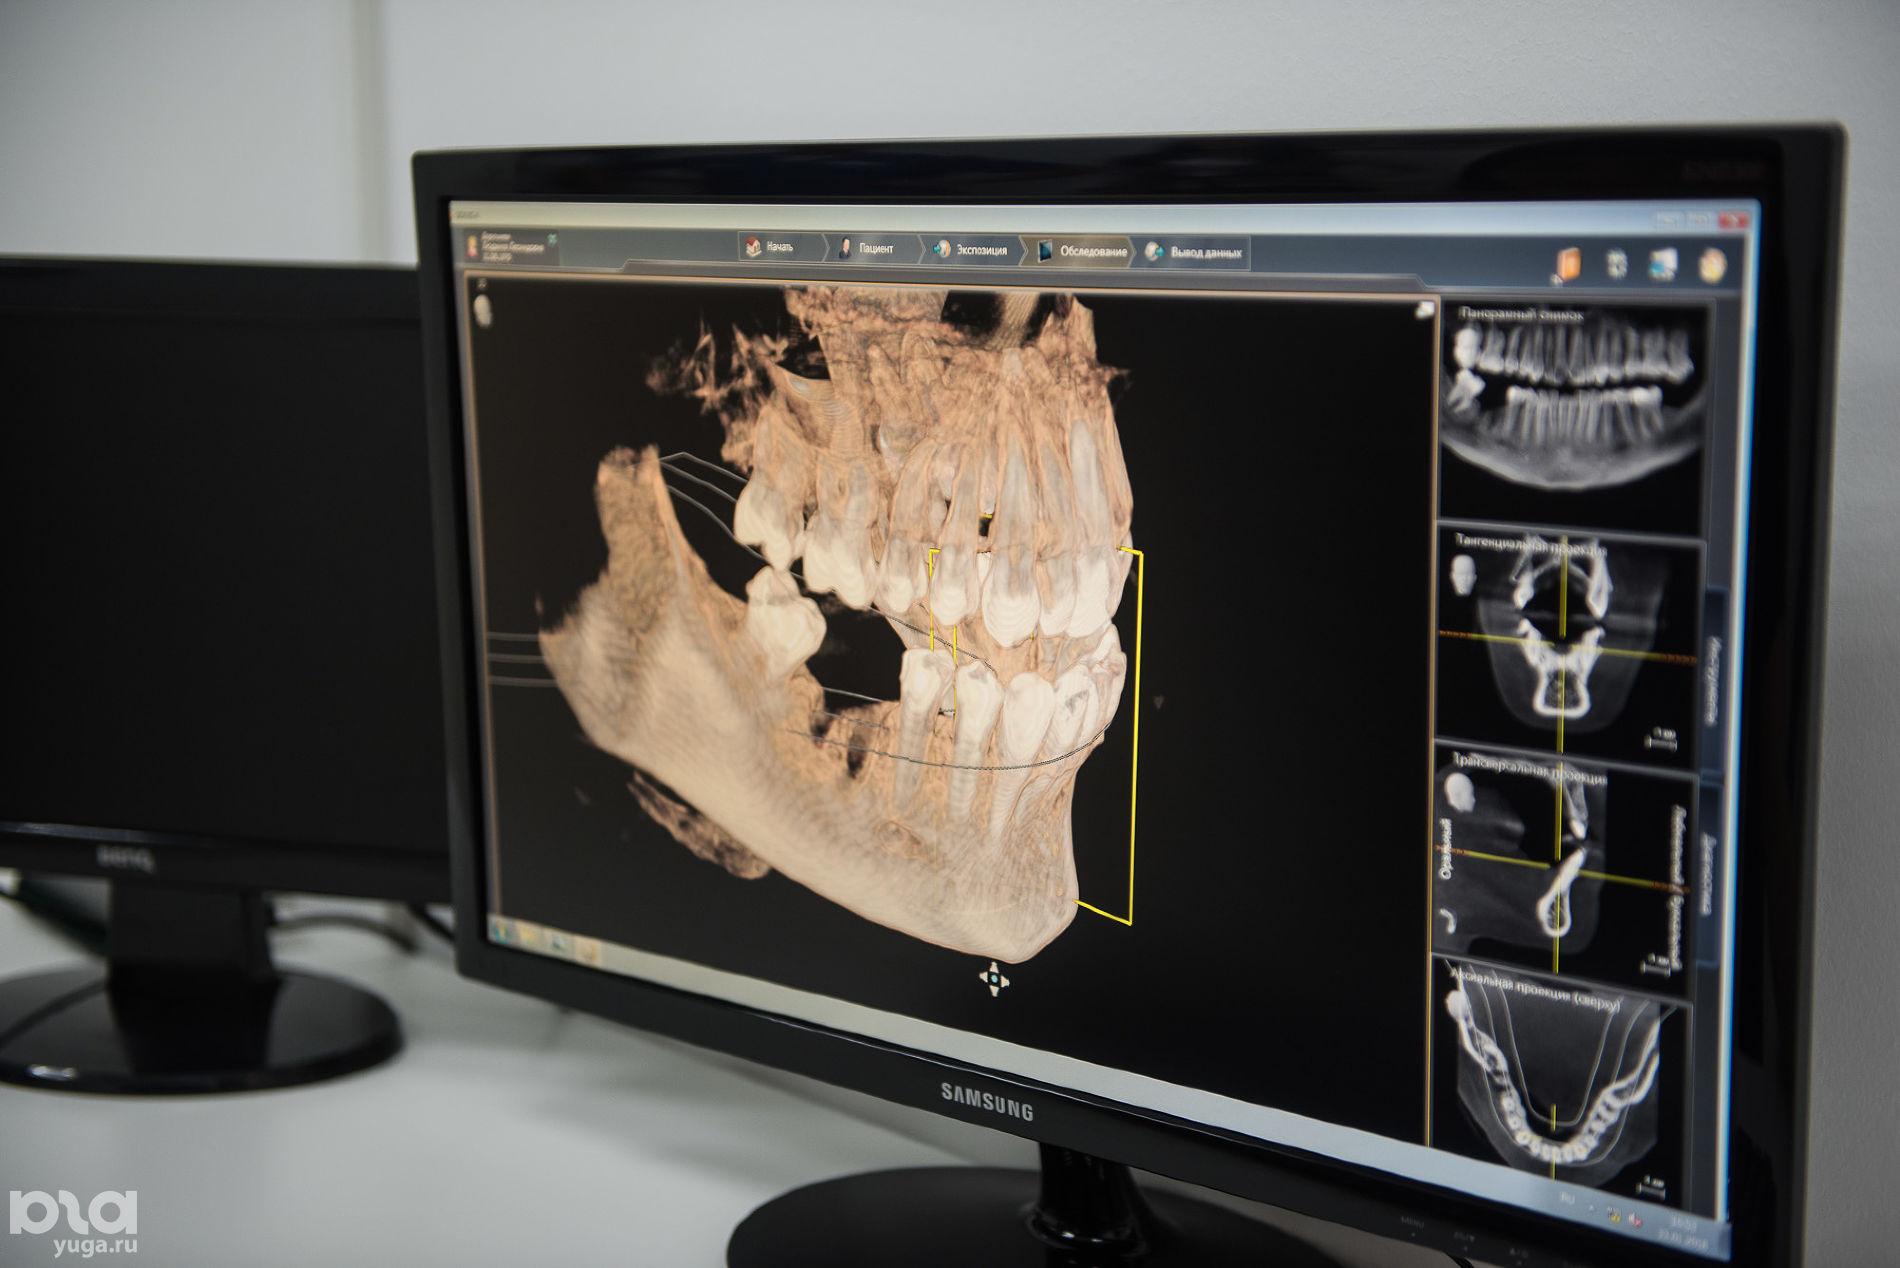 3D-модель челюсти, сделанная с помощью томографа в клинике © Фото Елены Синеок, Юга.ру